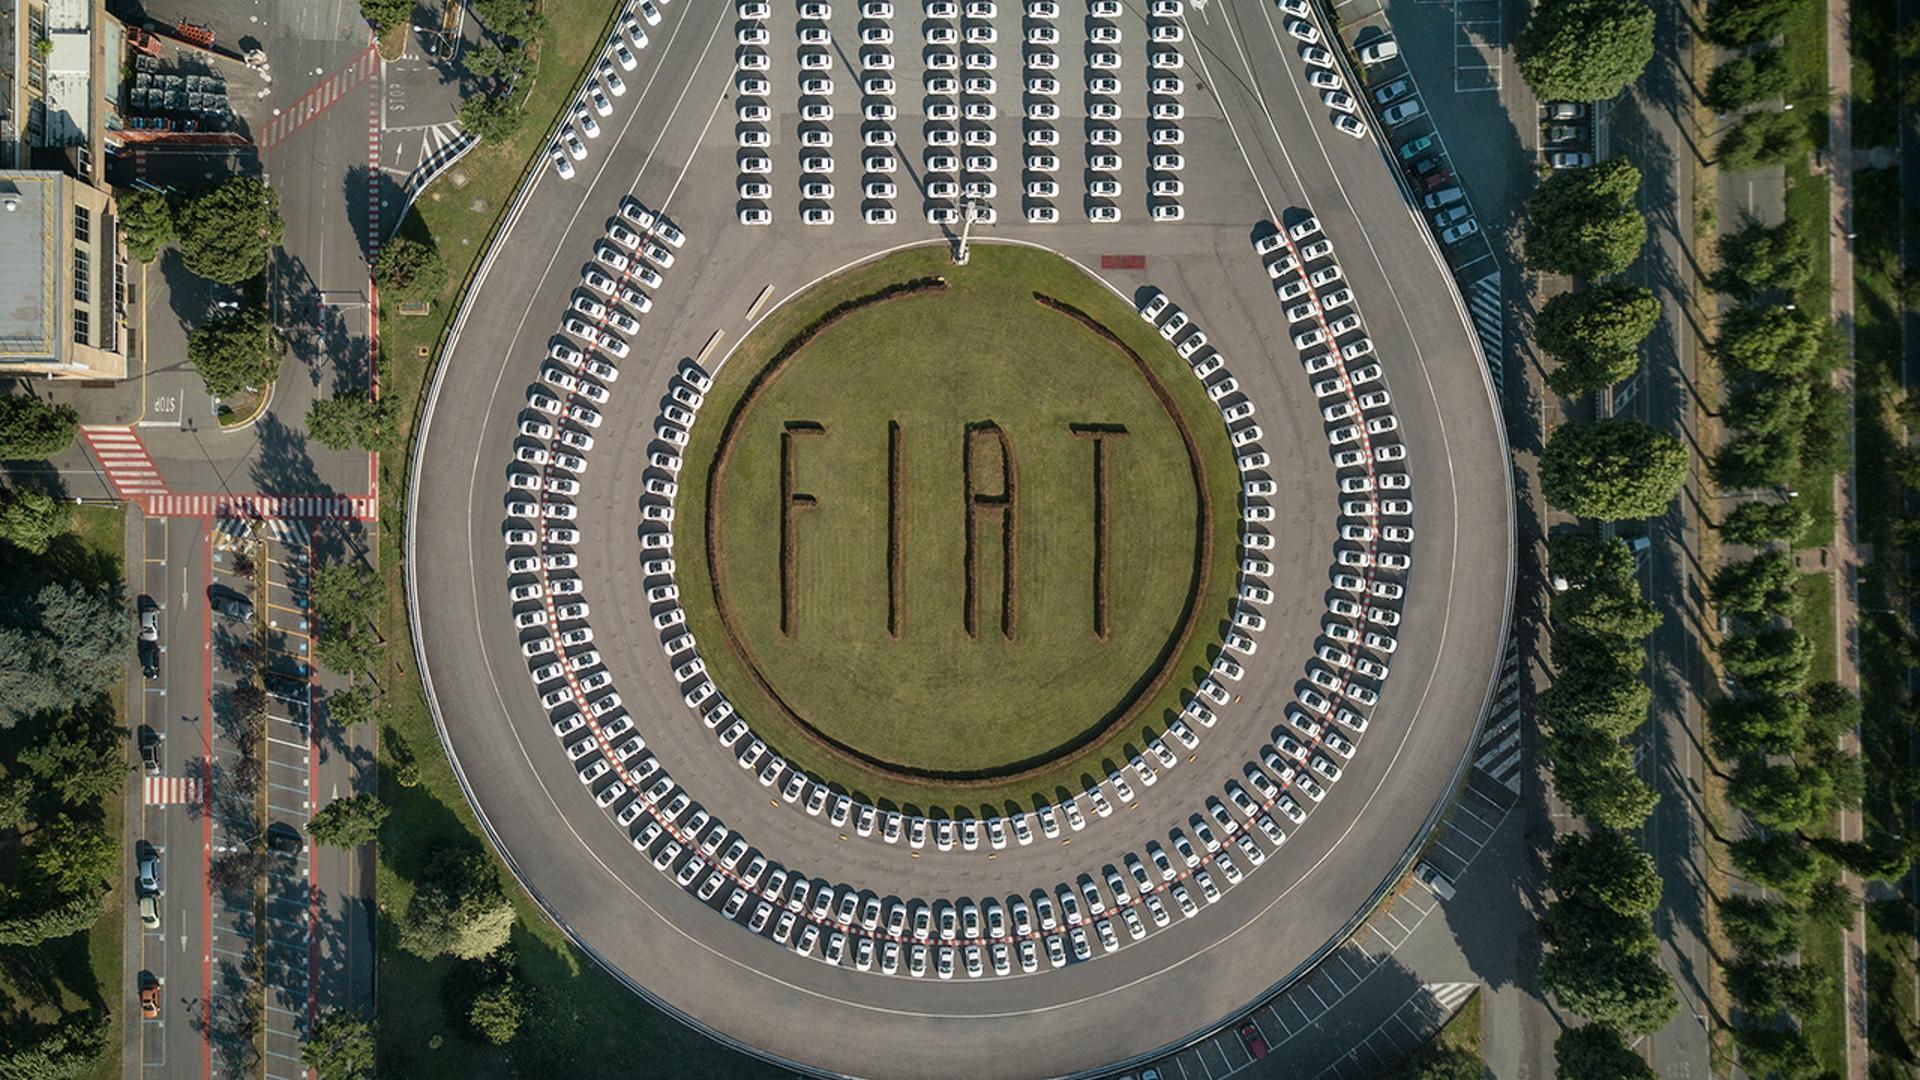 Fiat isporučio 1.495 automobila za 48 sati!